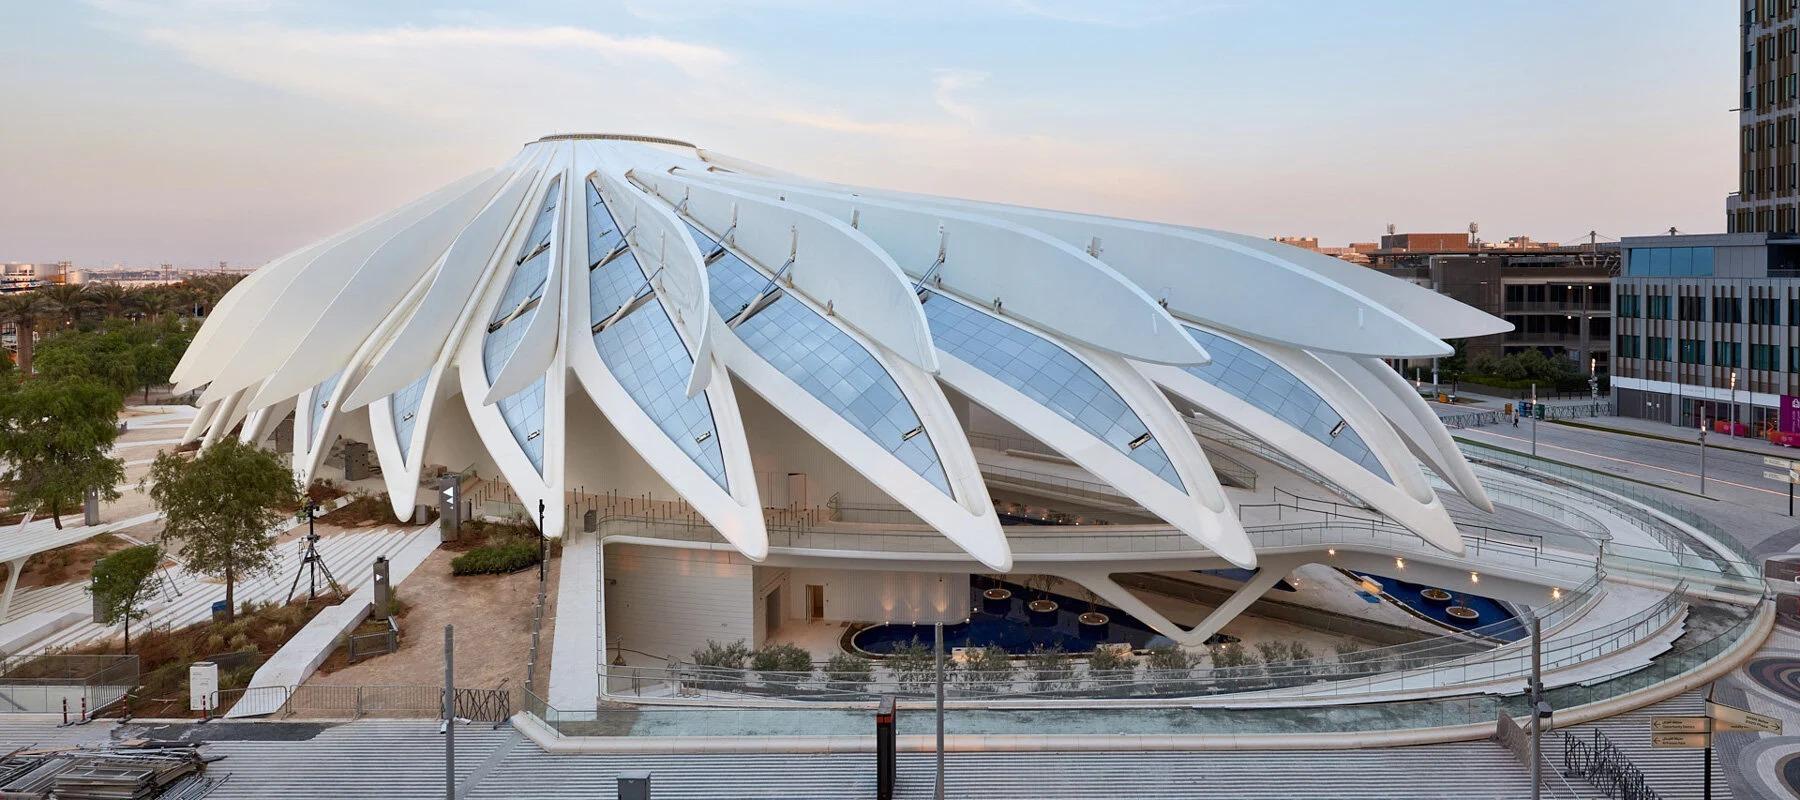 Pabellón de EAU, obra de Santiago Calatrava / palladium photodesign / oliver schuh + barbara burg